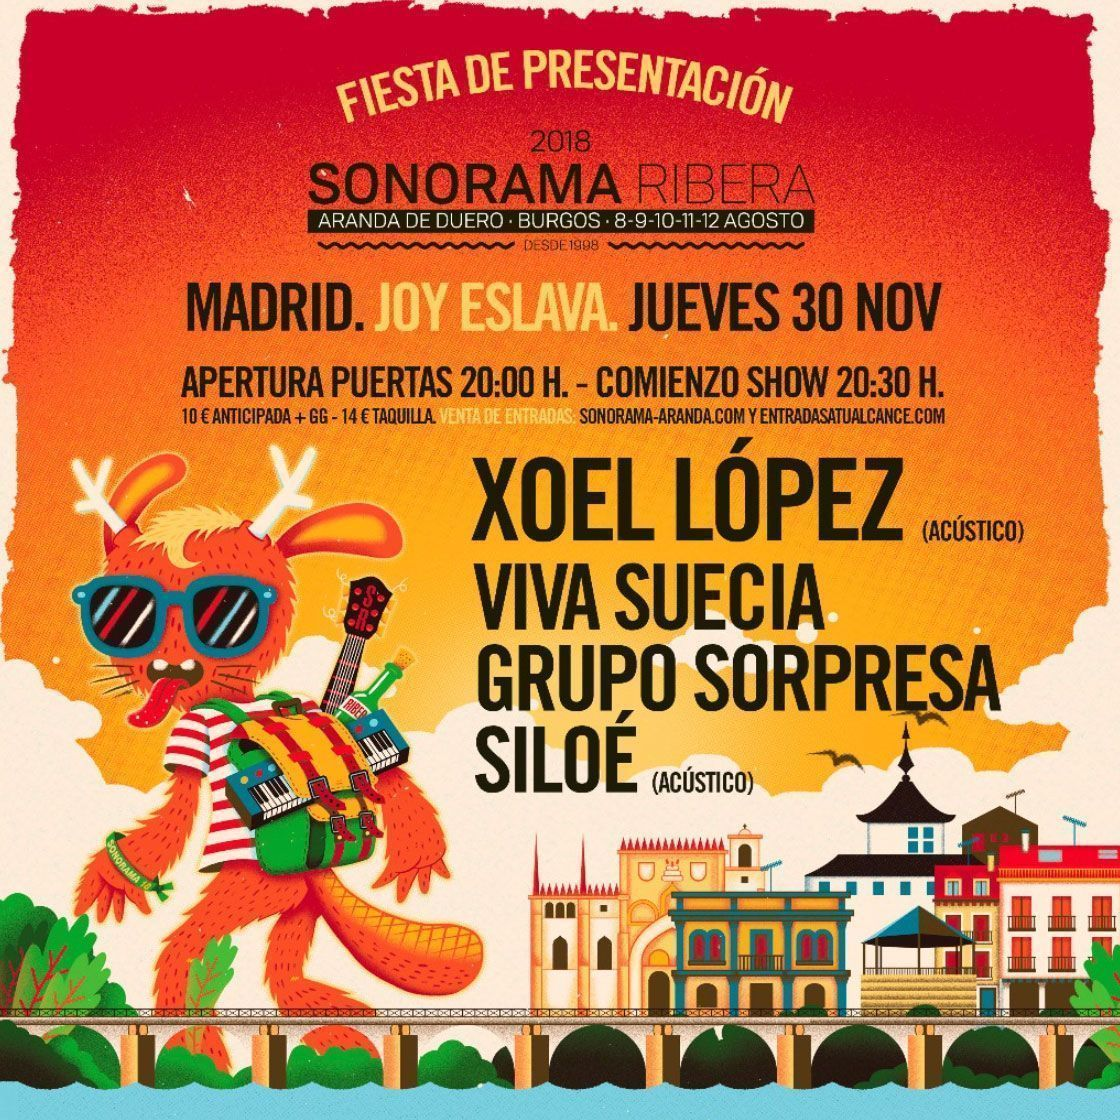 El Sonorama Ribera 2018 se presenta el 30 de noviembre en la sala Joy Eslava de Madrid